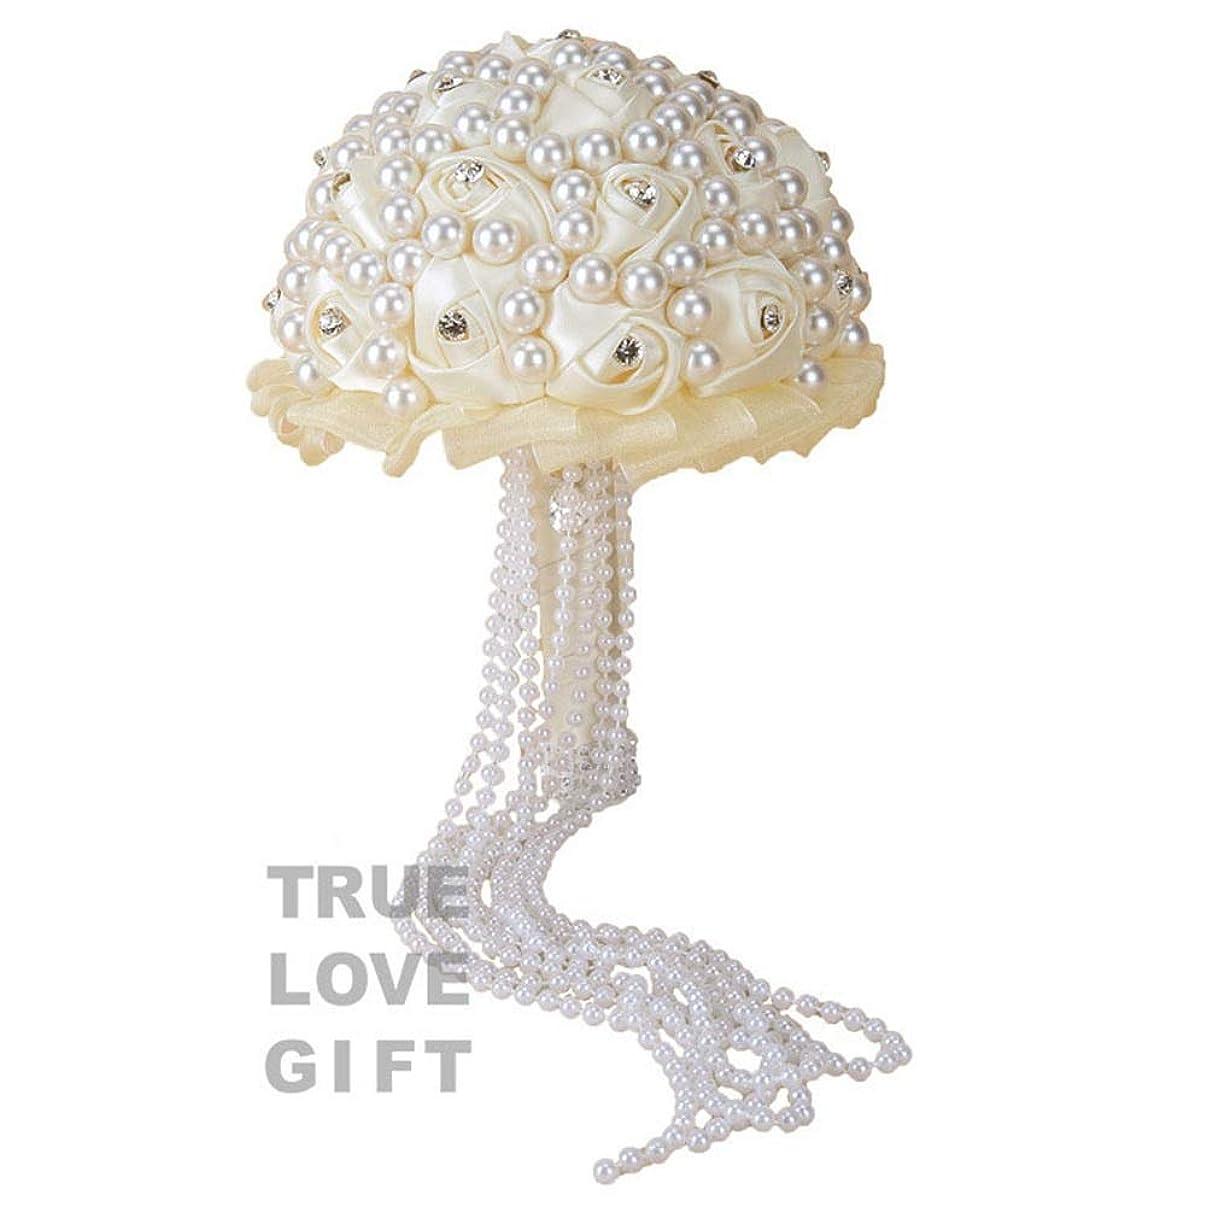 スロットボイコット災難ウェディングブーケ 結婚式、教会、パーティーや家の装飾に最適な結婚式のブーケブーケバラを保持しているロマンチックな花嫁の結婚式 ホームキッチンガーデンパーティーのための花飾り (色 : ベージュ)